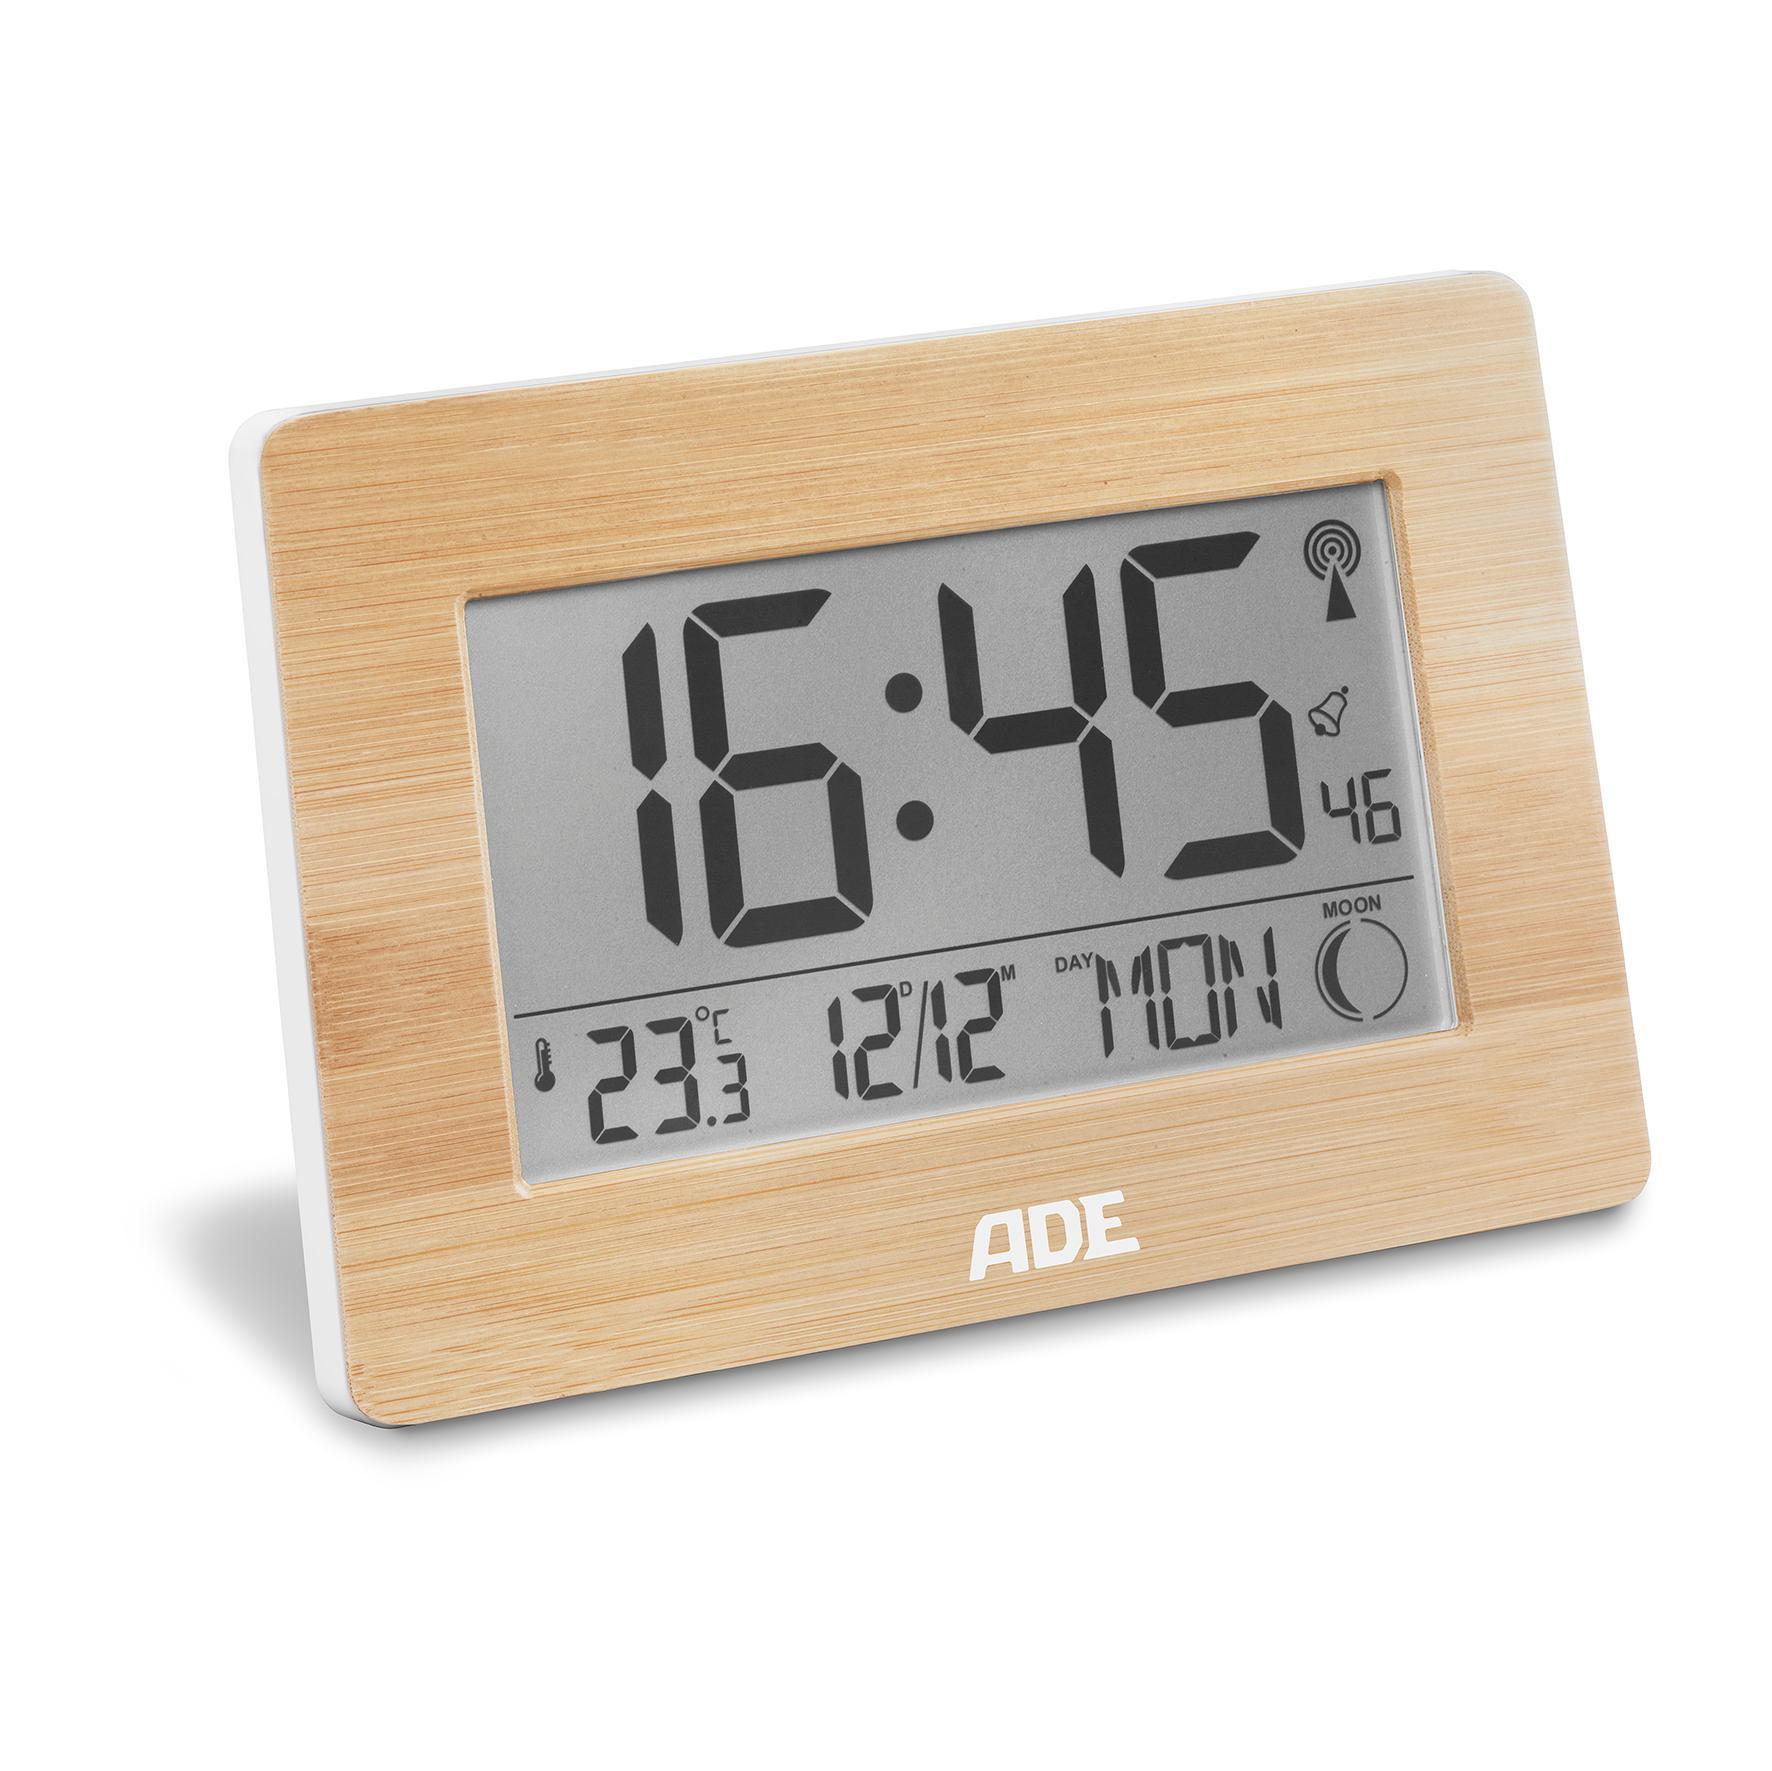 Uhren & Schmuck Sinnvoll Dcf Funk-wanduhr Funk-uhr Bad-uhr Badezimmer-uhr Digital Thermometer Display